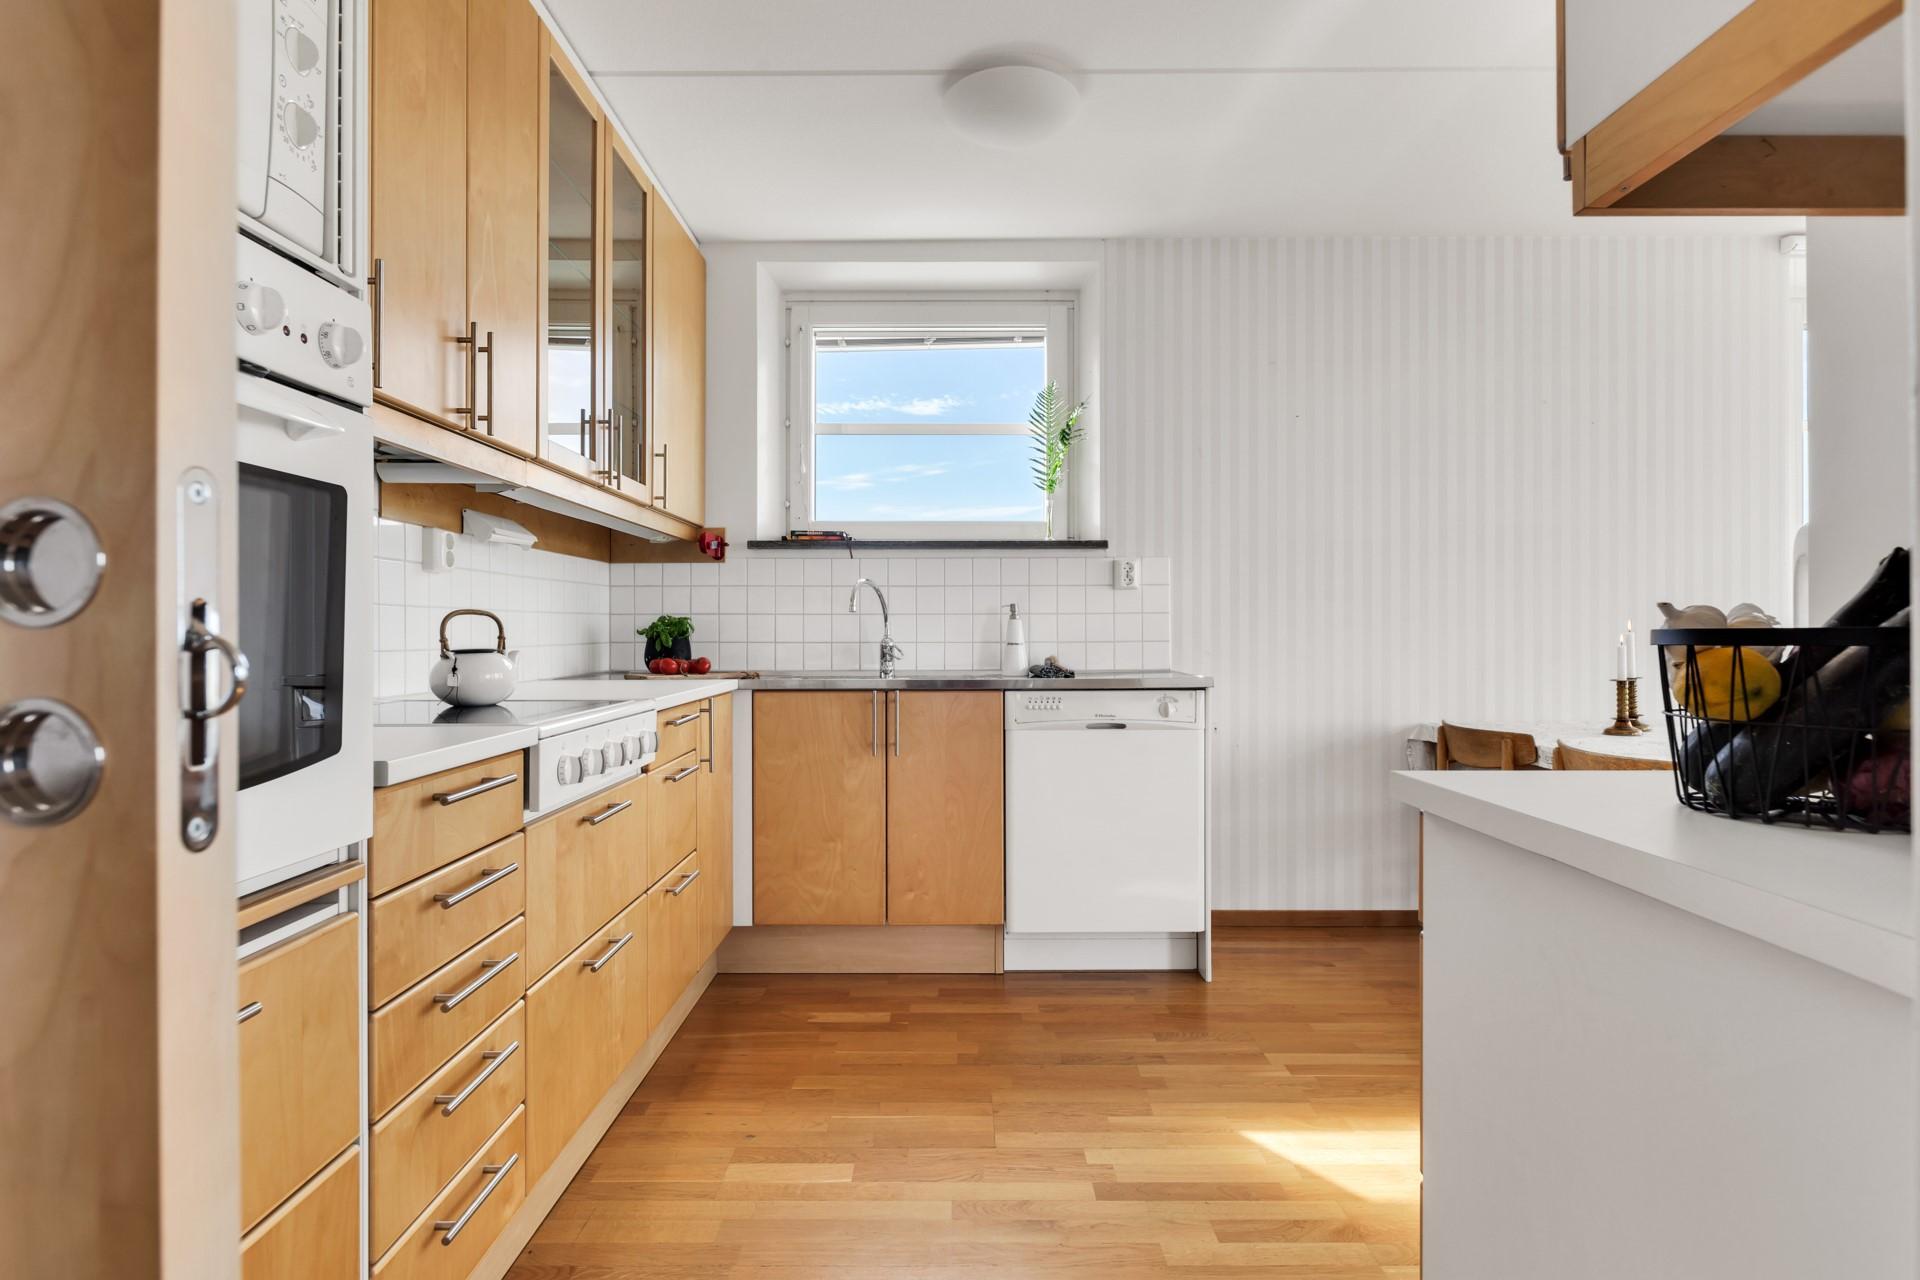 Blackebergsplan 10 - våning 12/12-20